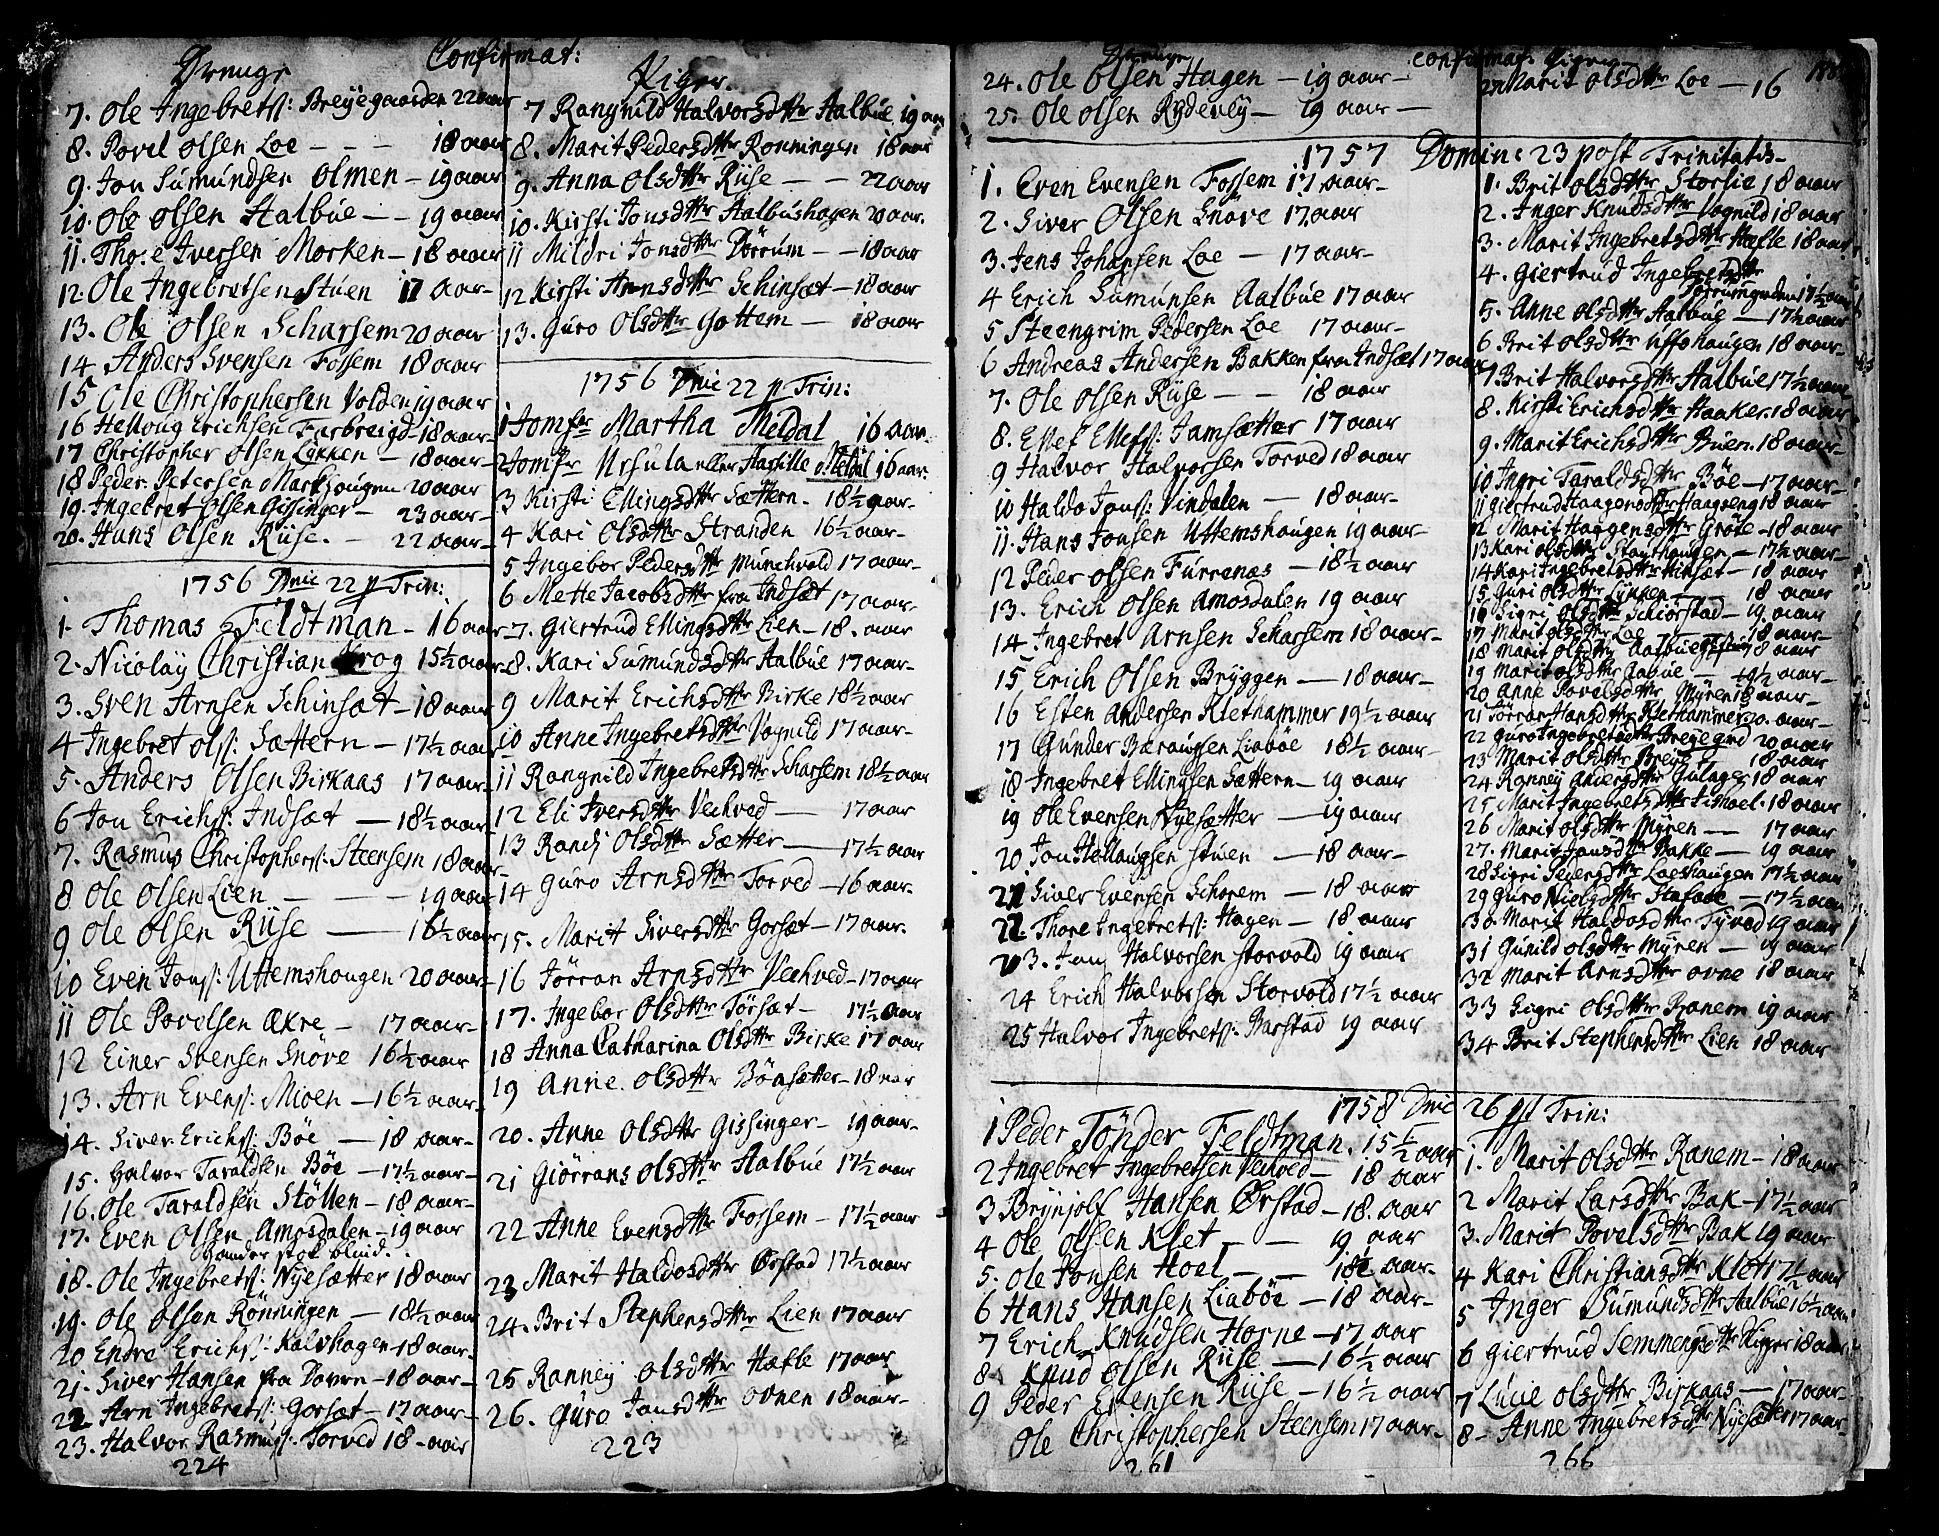 SAT, Ministerialprotokoller, klokkerbøker og fødselsregistre - Sør-Trøndelag, 678/L0891: Ministerialbok nr. 678A01, 1739-1780, s. 188